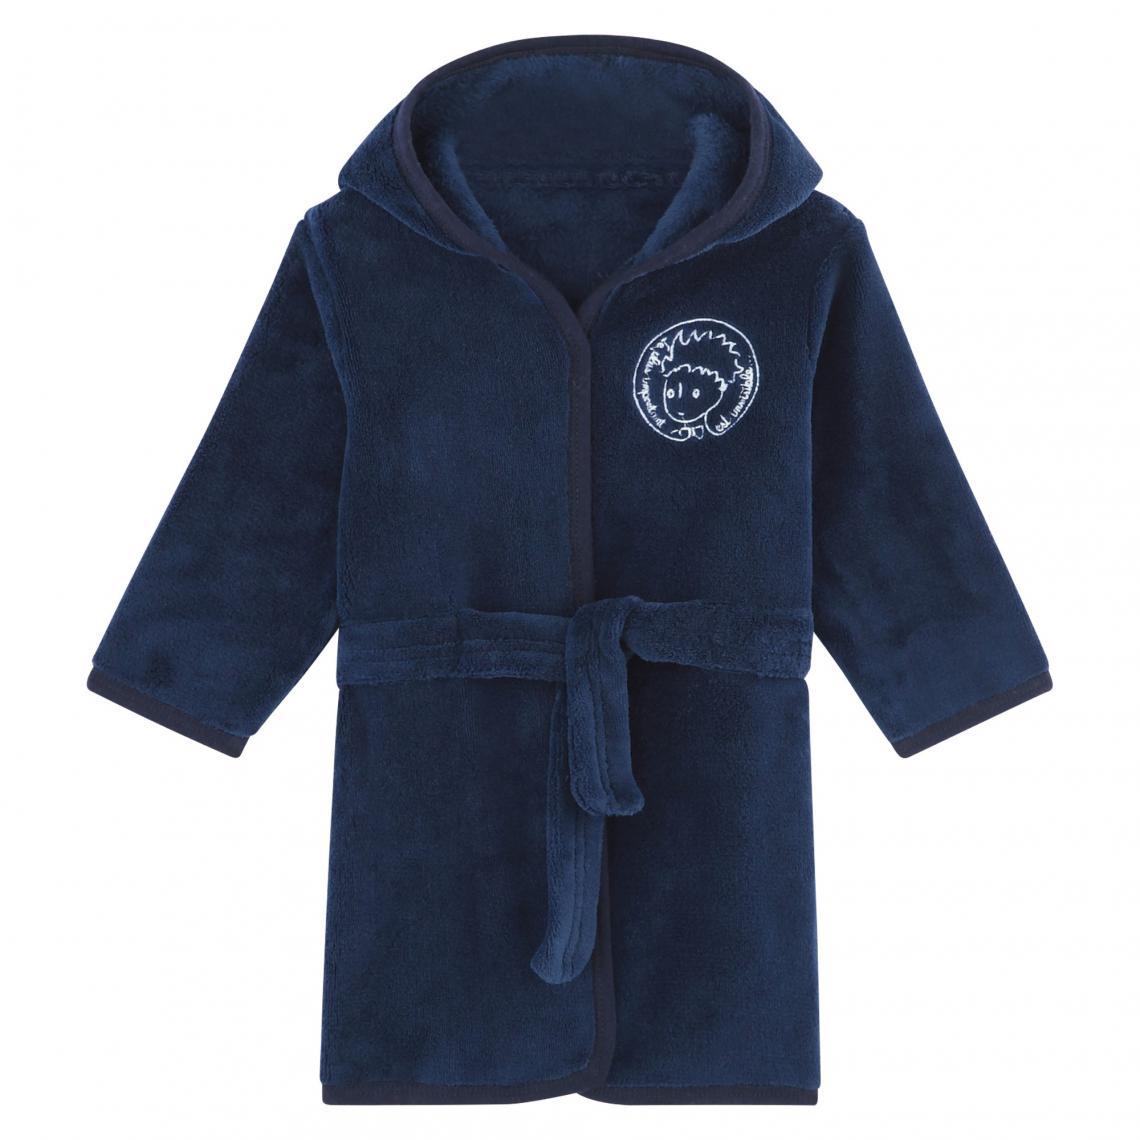 18671638ed72c Robe de chambre à capuche garçon Le Petit Prince - Bleu Marine   3 ...